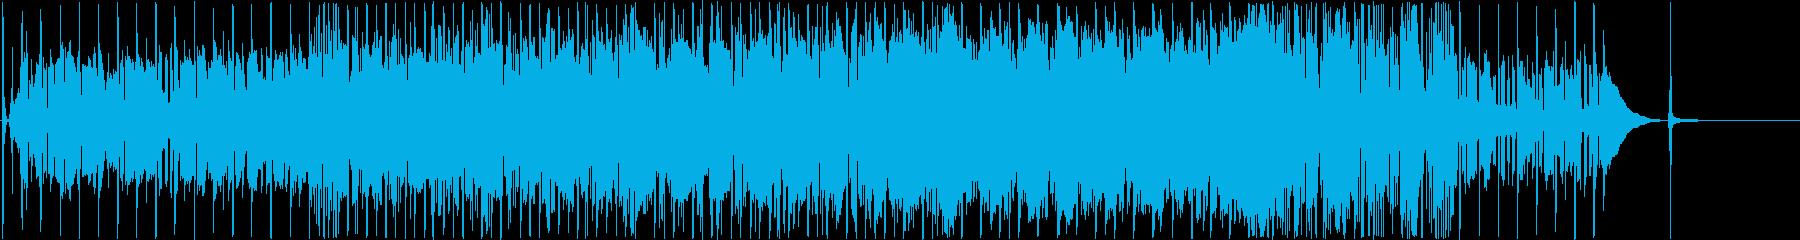 ファンキーなグルーヴベースとドラム...の再生済みの波形